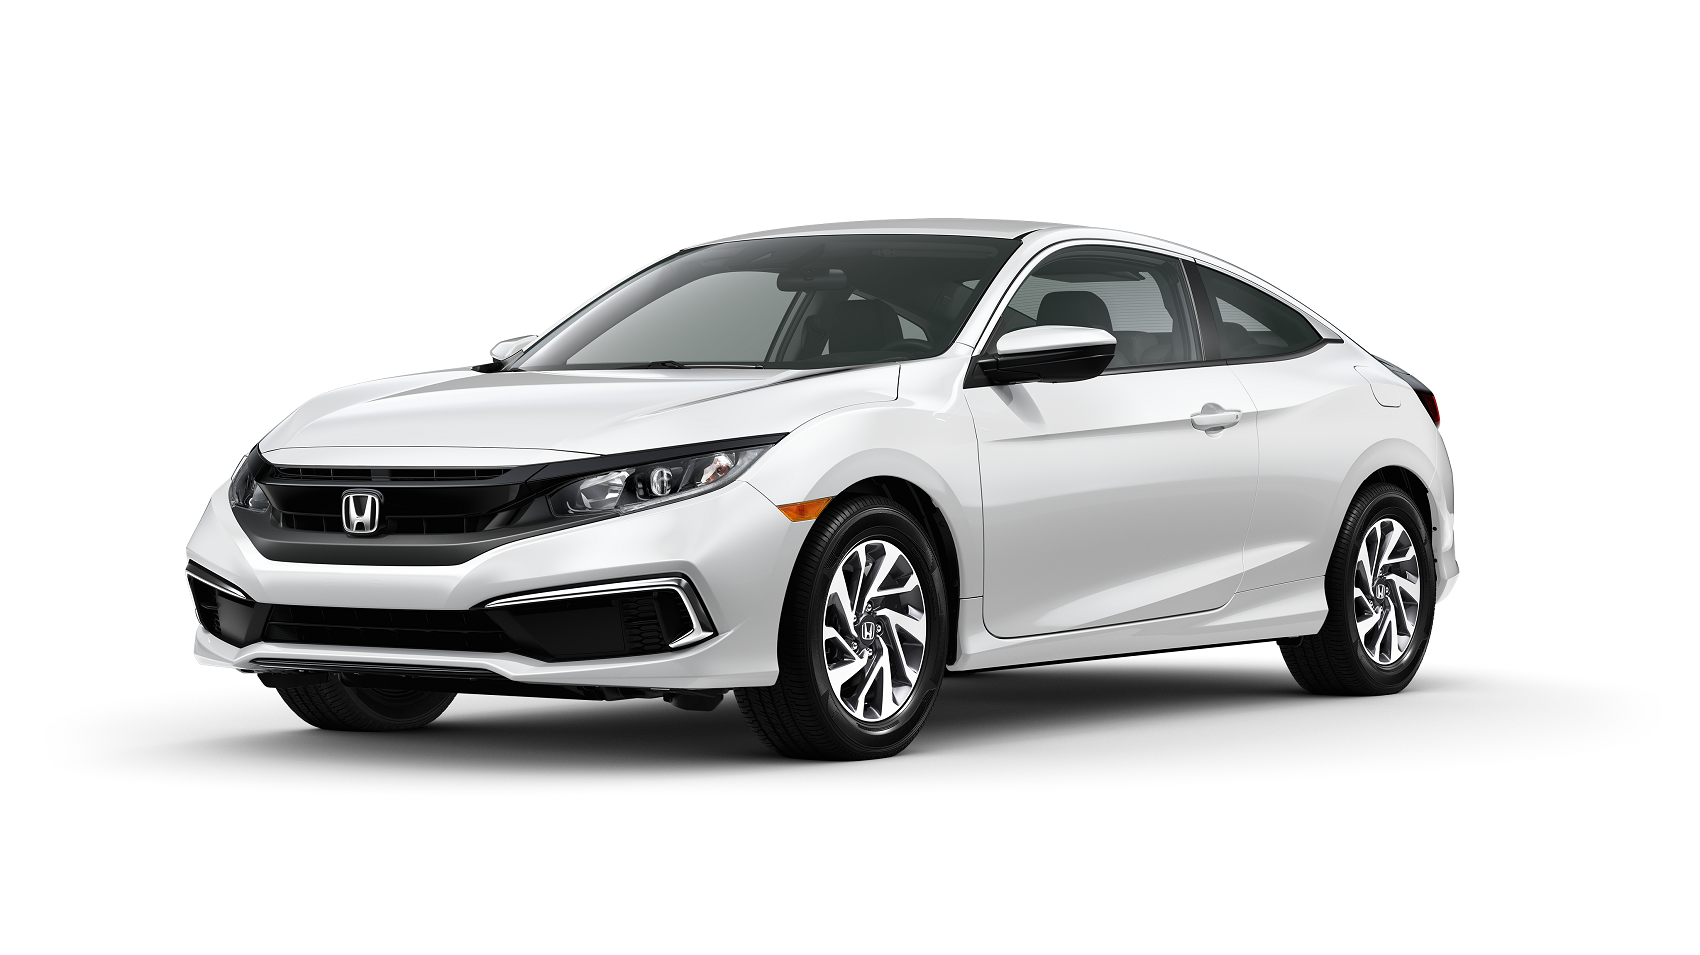 Honda Civic Harrisburg PA